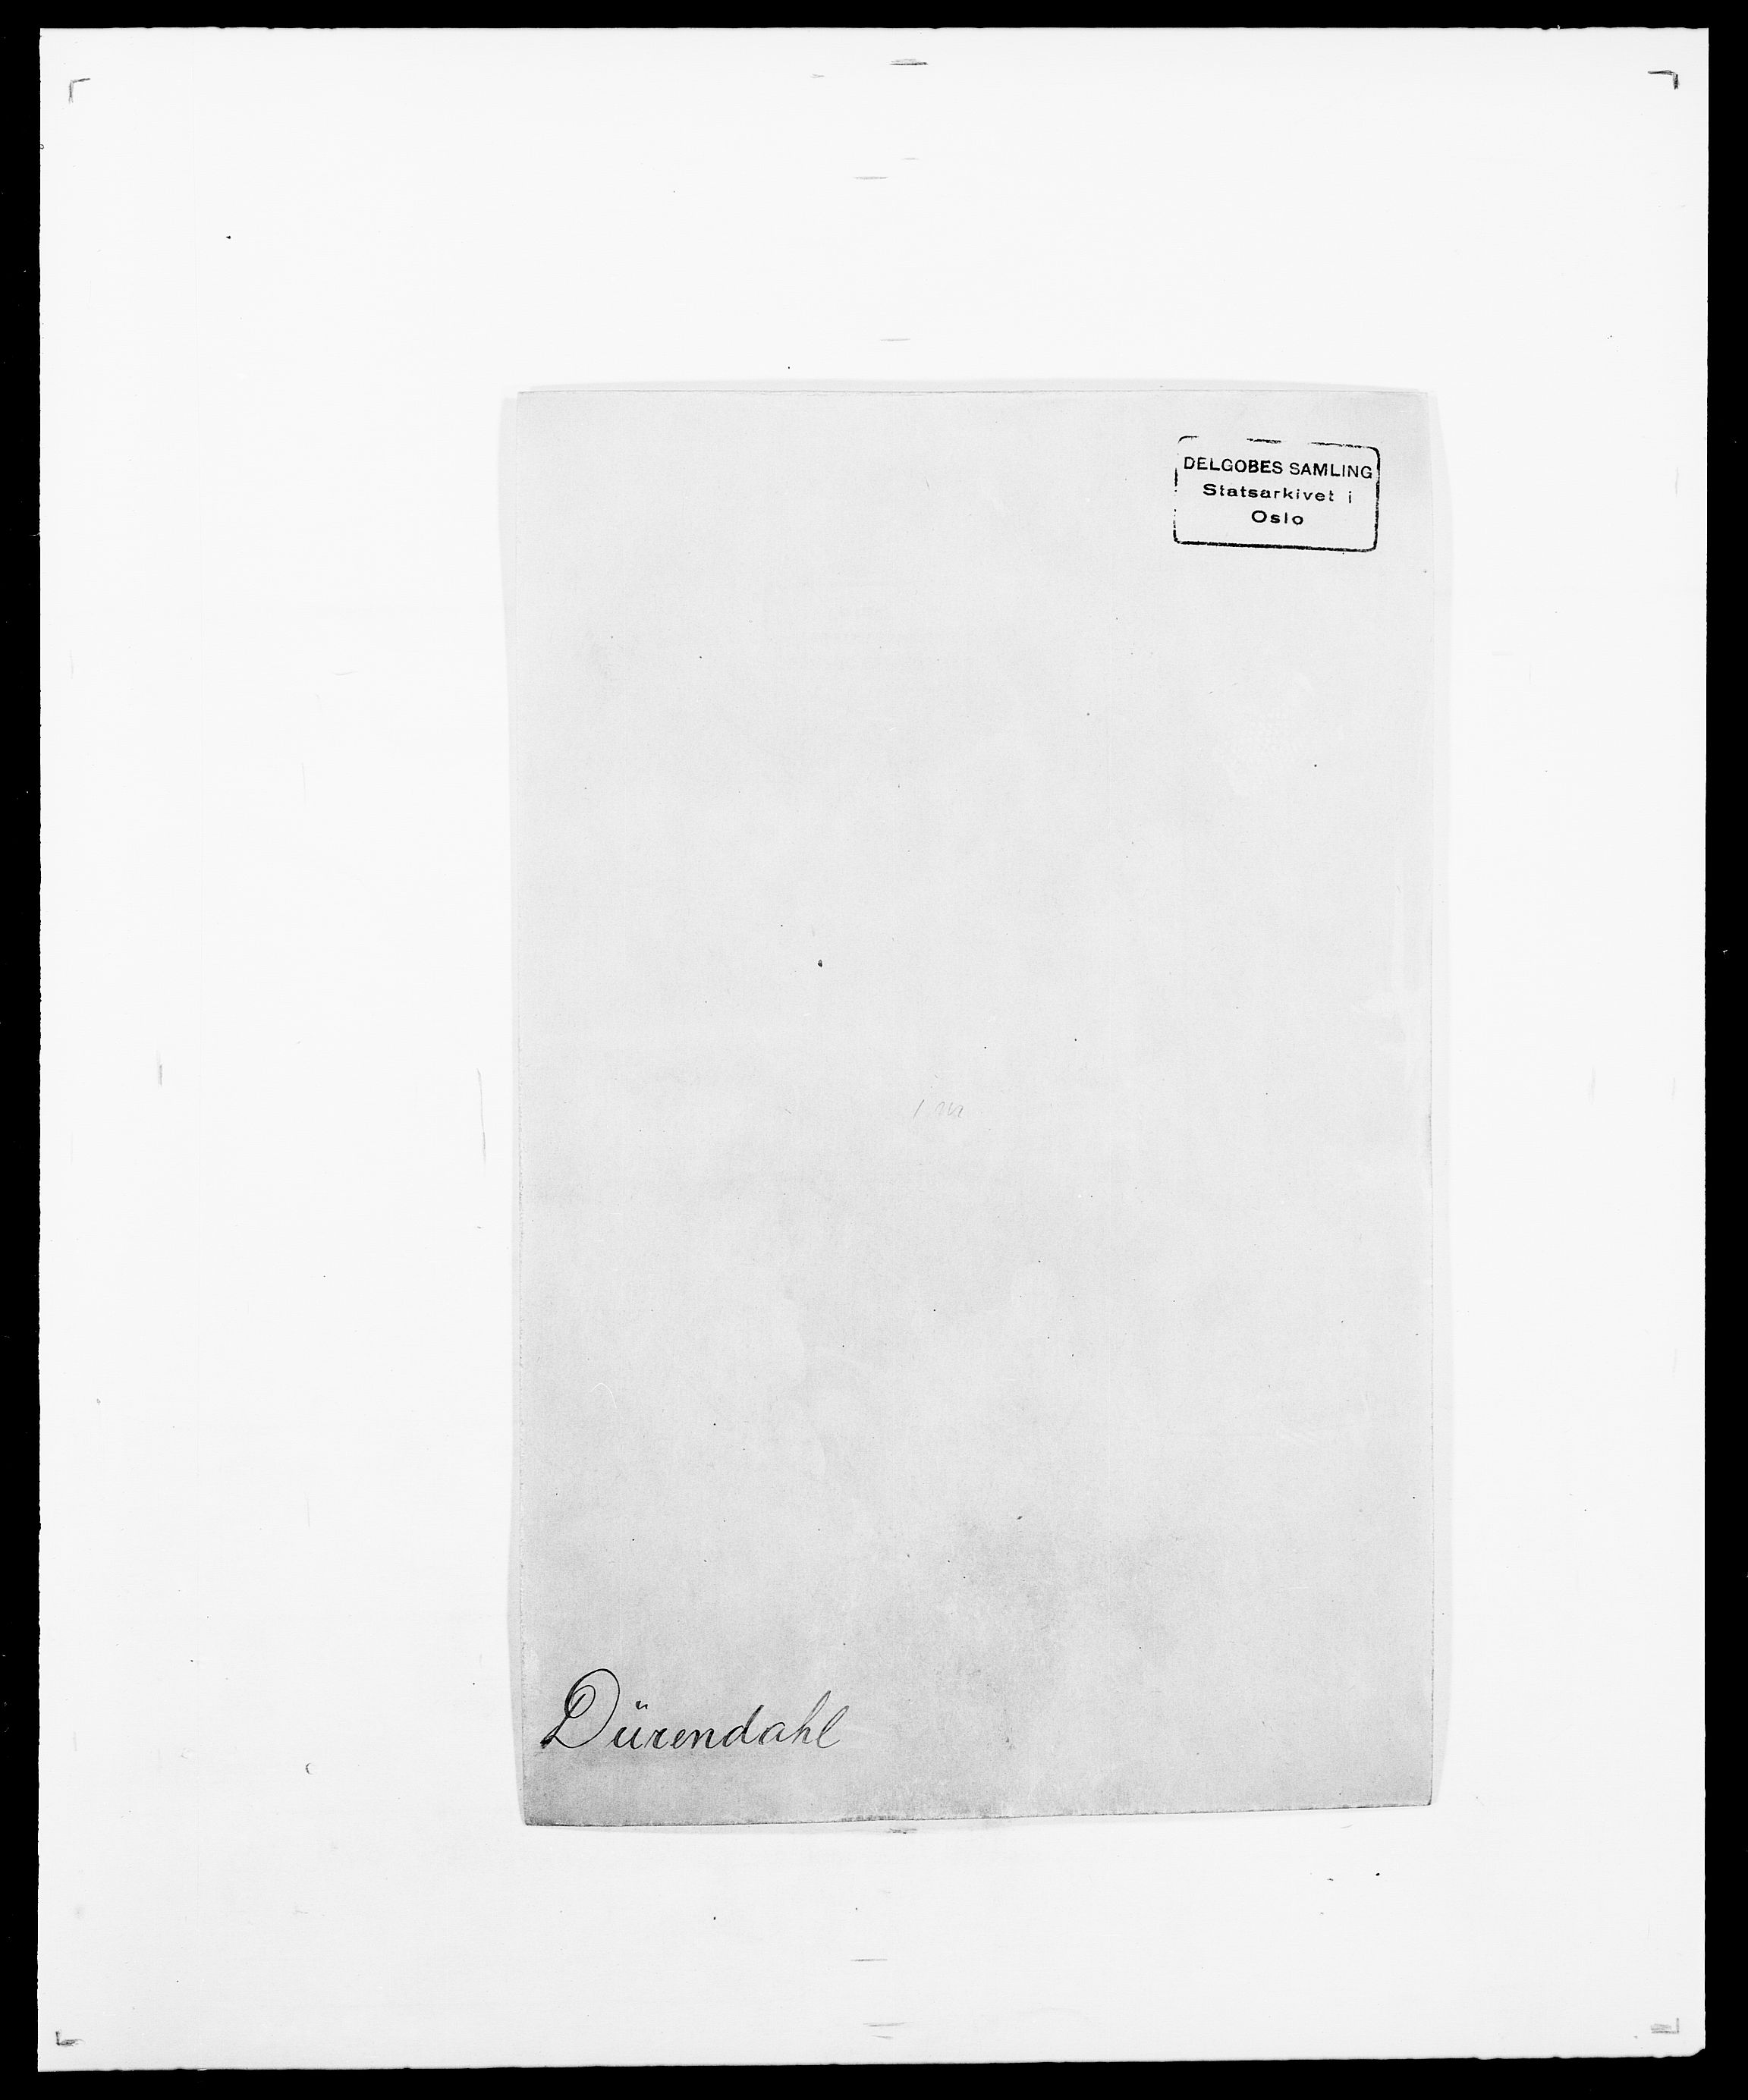 SAO, Delgobe, Charles Antoine - samling, D/Da/L0010: Dürendahl - Fagelund, s. 1